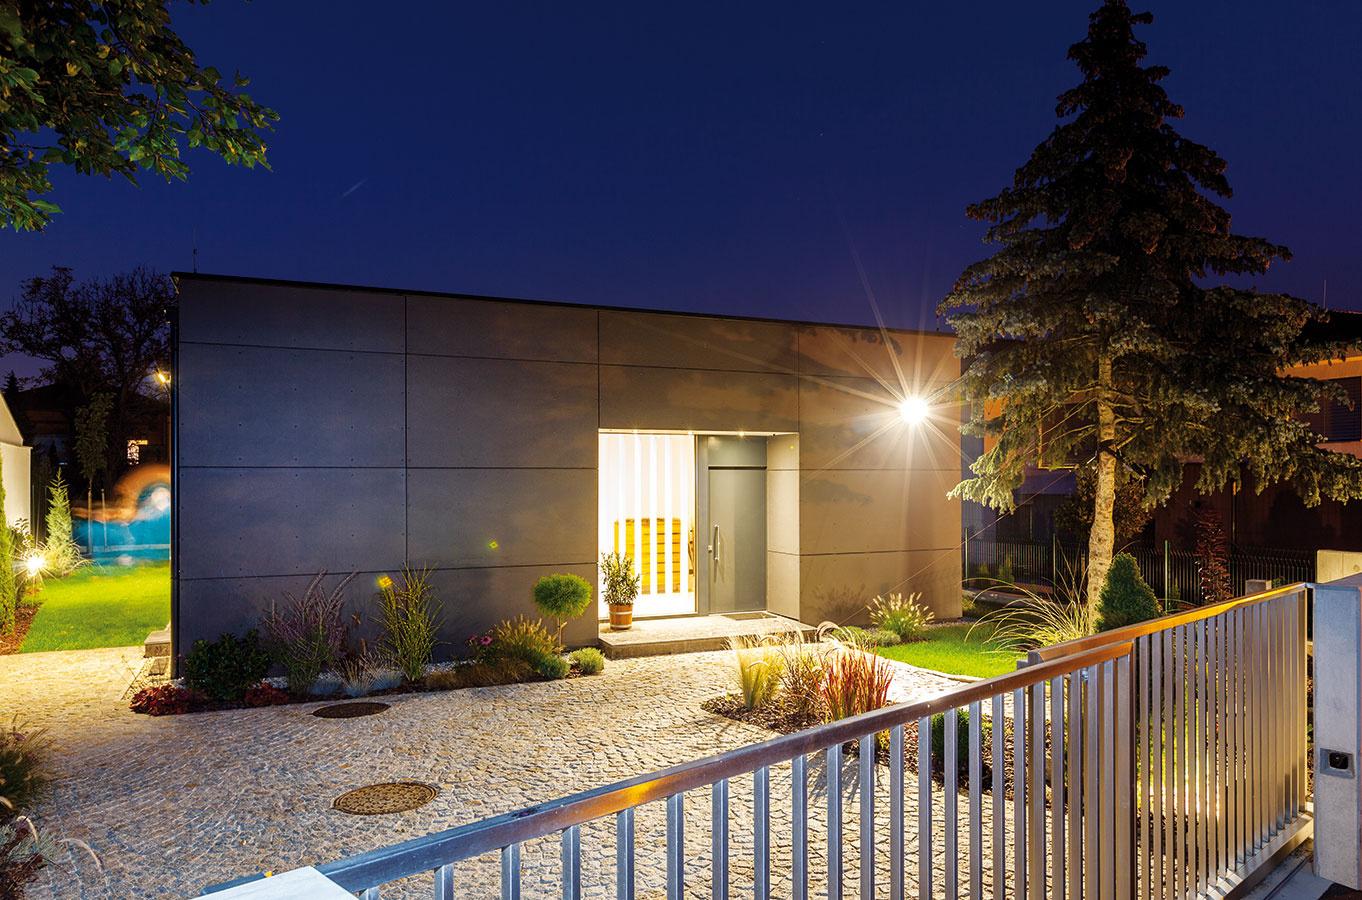 Minimum. Pri pohľade z ulice jednoduchý dom o sebe takmer nič neprezrádza. Rodina chcela pohodlne bývať, nepotrebovali garáž, a keďže pri dome je len minimálna, jednoduchá záhrada, vystačia si s malým skladom, ktorý však nie je samostatnou stavbou, ale tvorí súčasť domu.